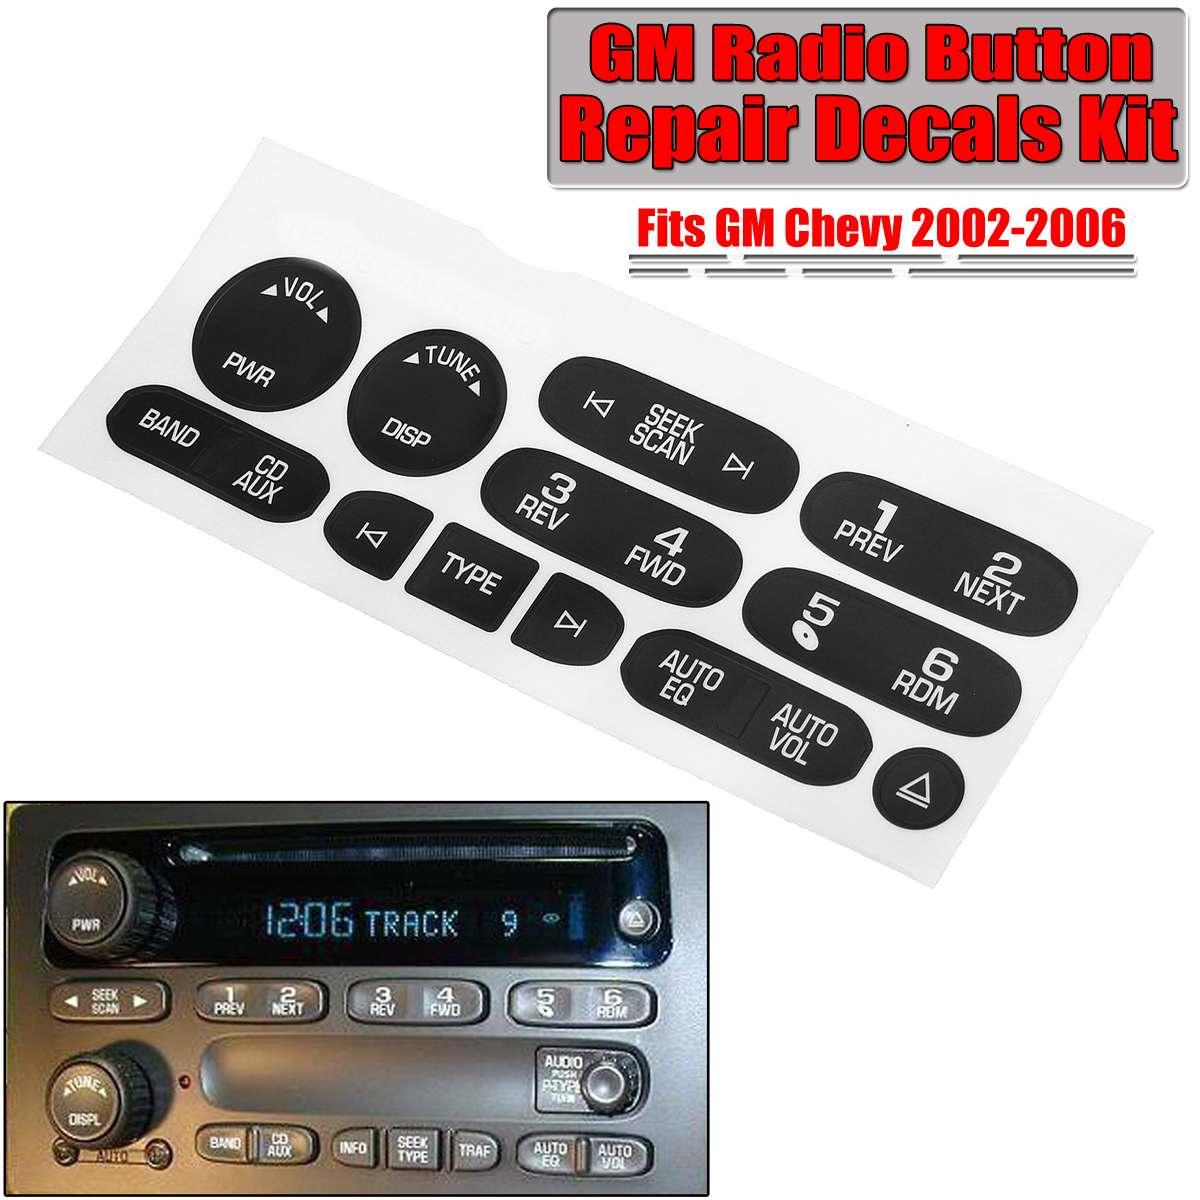 Kit de calcomanías de reparación de botón de Audio de Radio de coche negro mate para GM para Chevy 2002-2006 interruptor botón de Control pegatinas para reparar